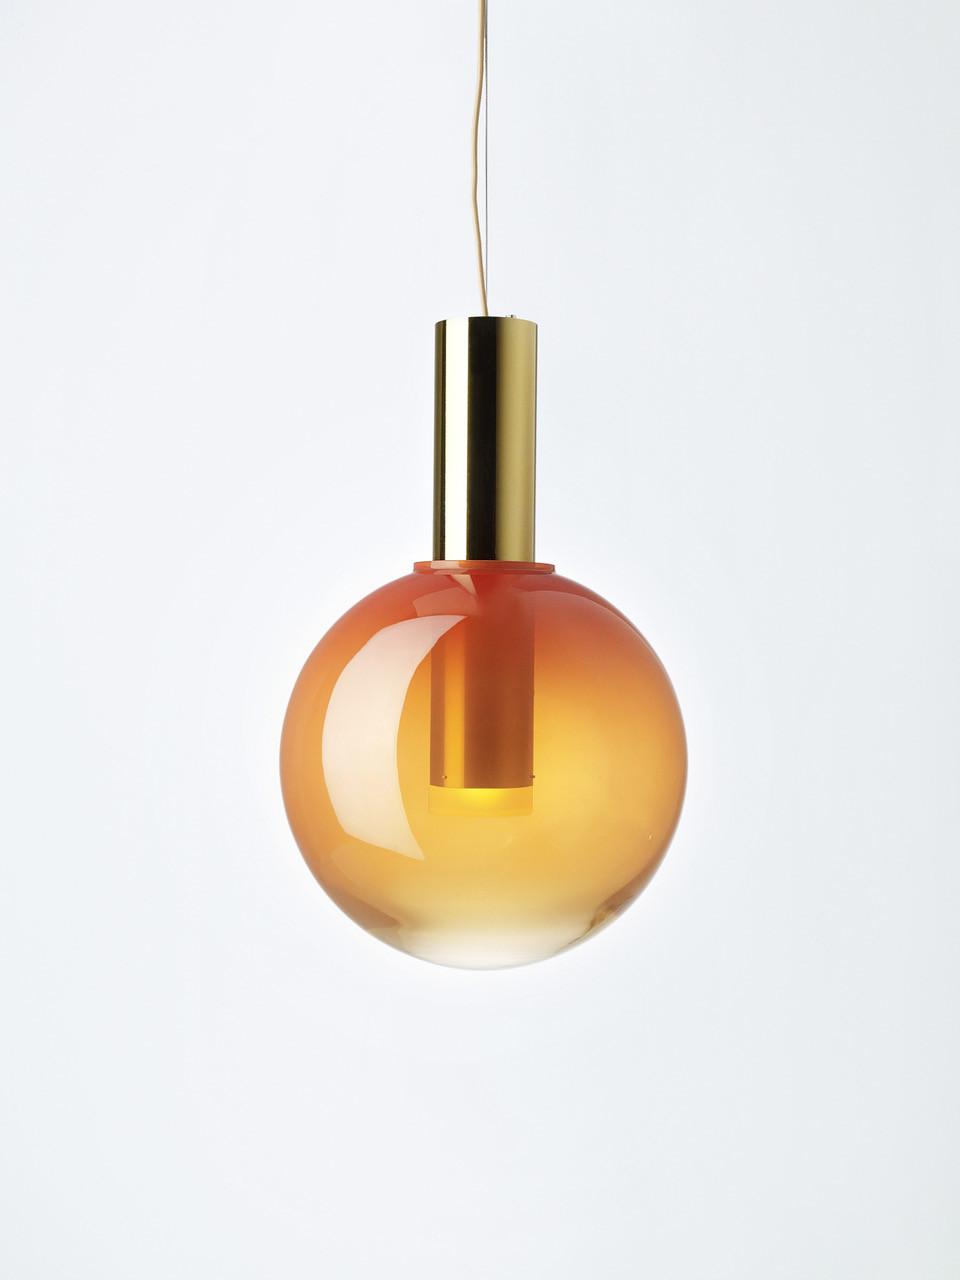 Candeeiro Phenomena3 pela BOMMA, coleção inspirada nas formas simples. Em vidro, na Quarto Sala